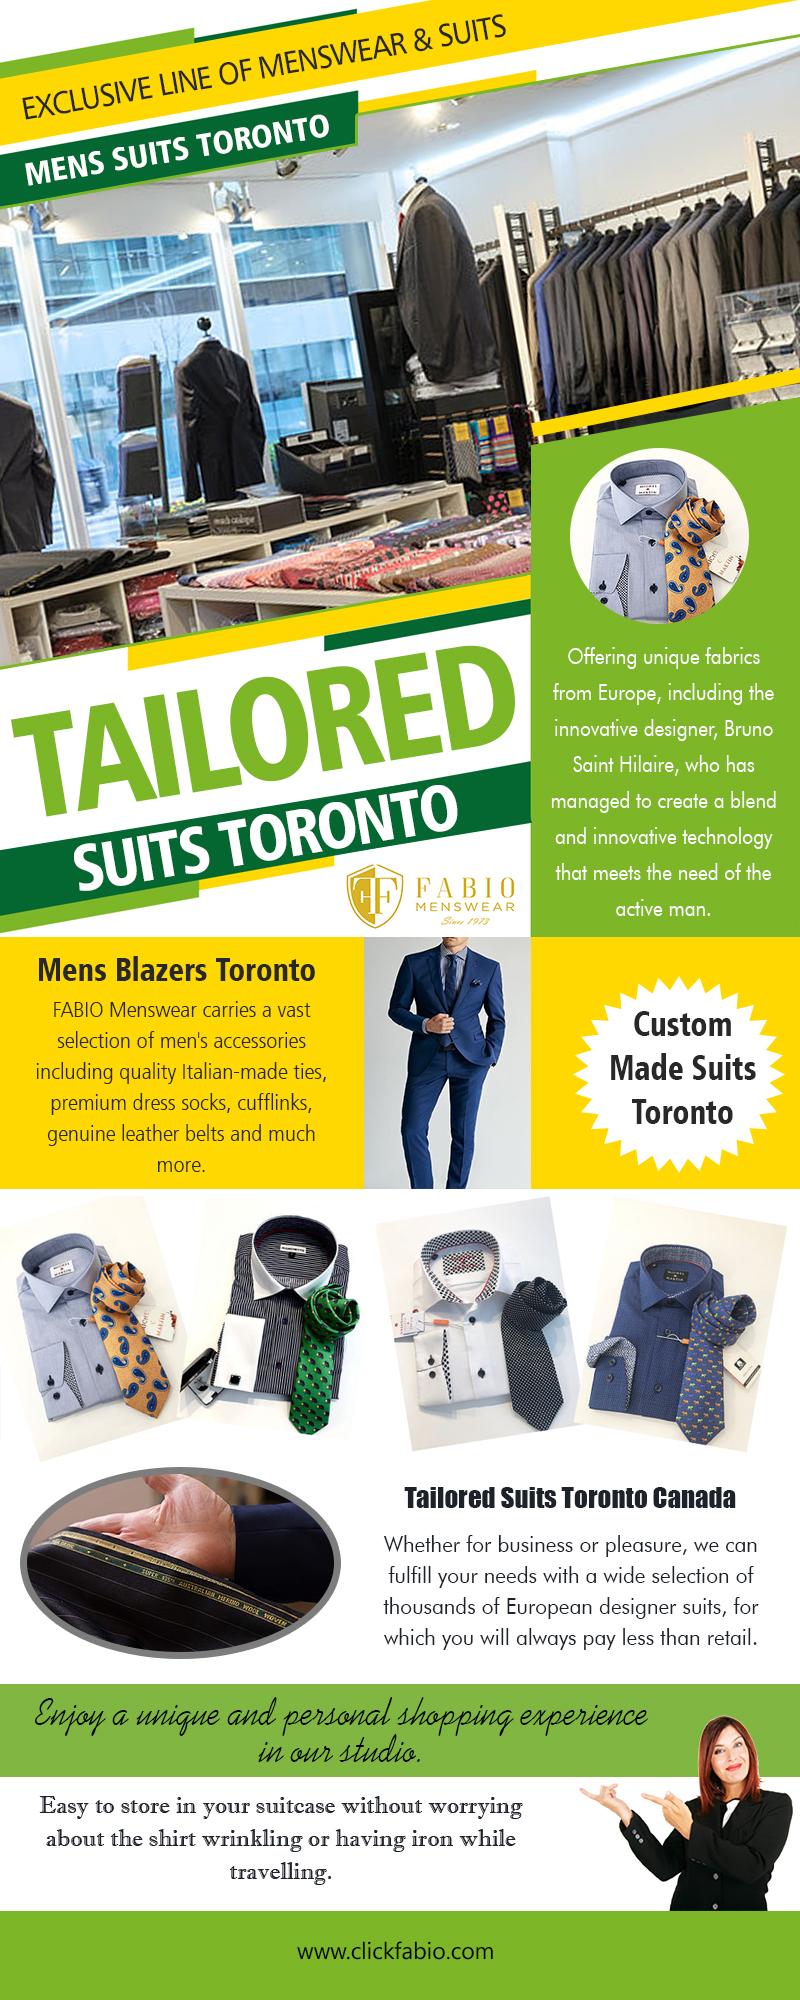 Tailored Suits Toronto | Call – (416) 364-2480 | clickfabio.com